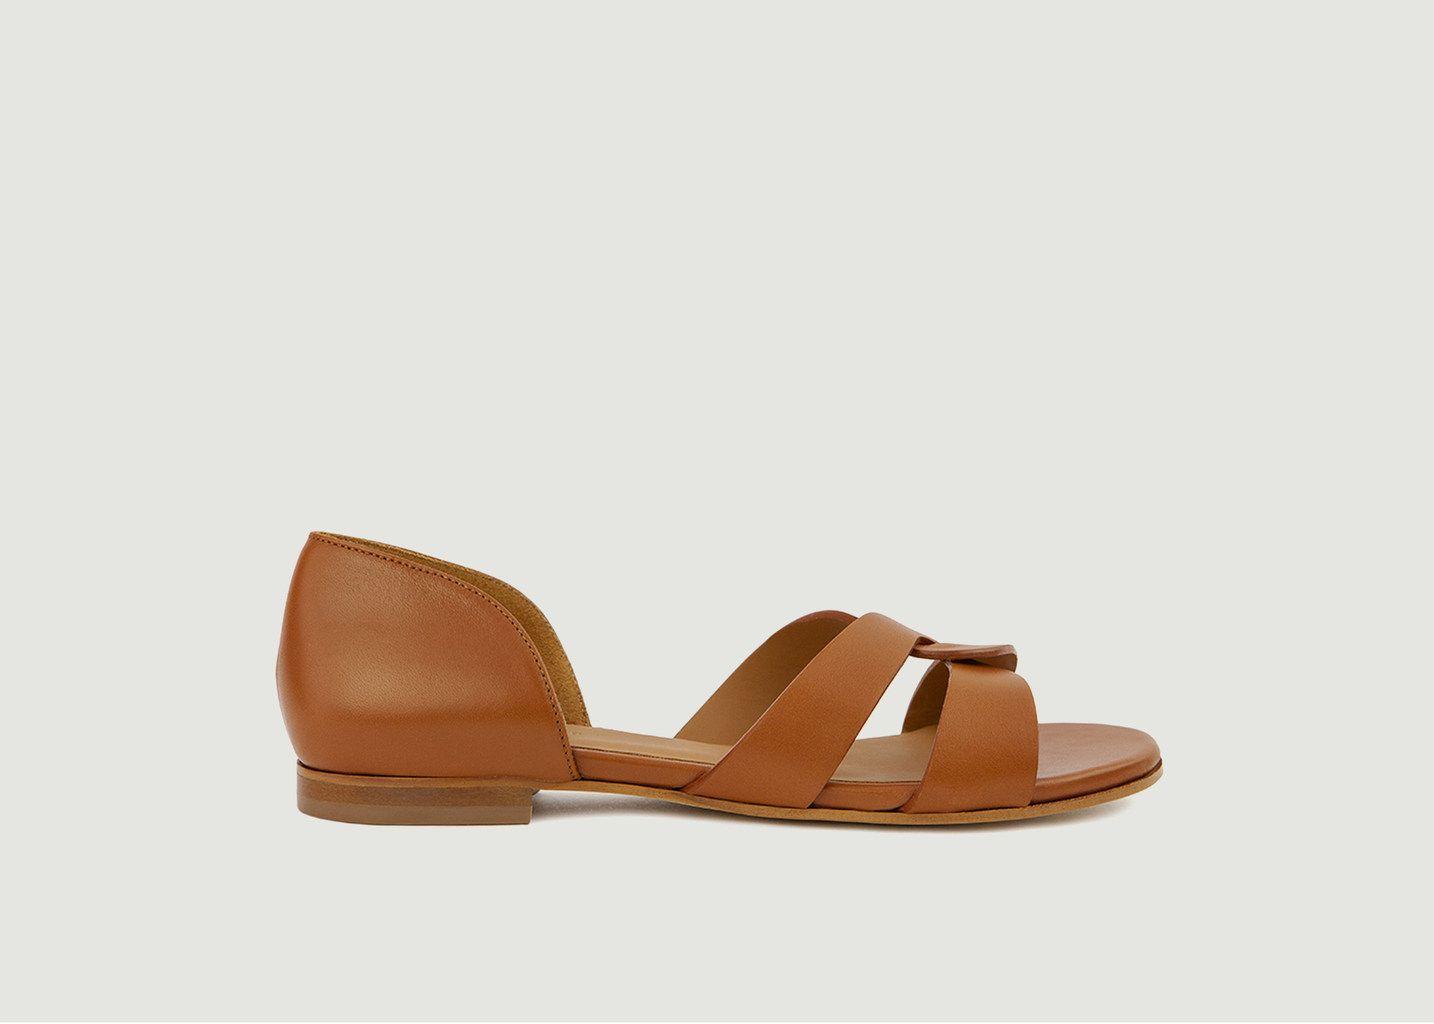 Sandales en cuir n°35 - Rivecour